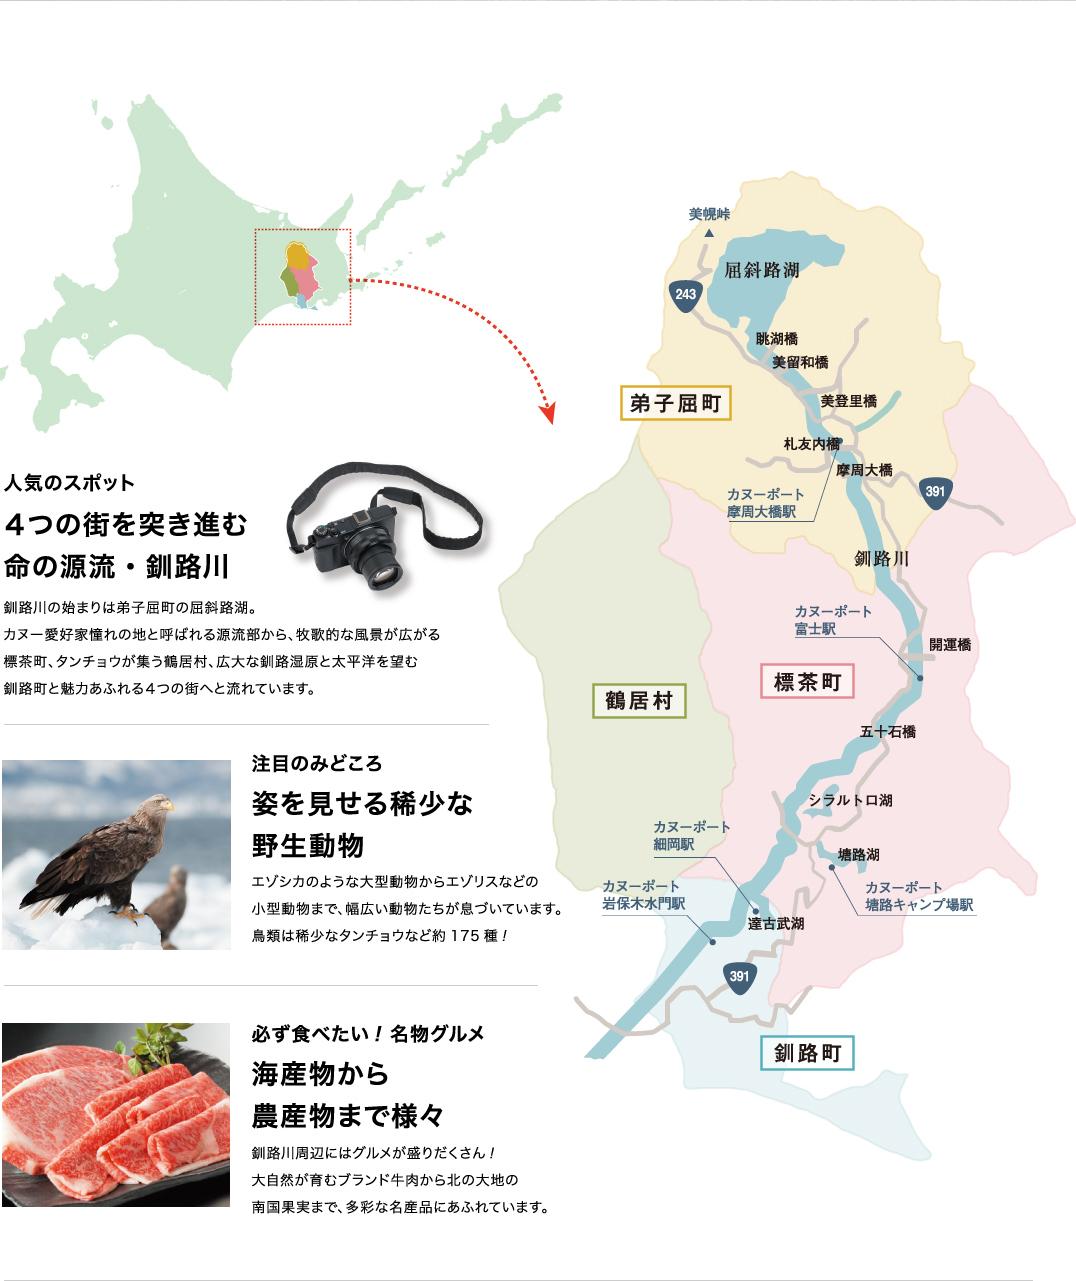 4つの街を突き進む命の源流・釧路川